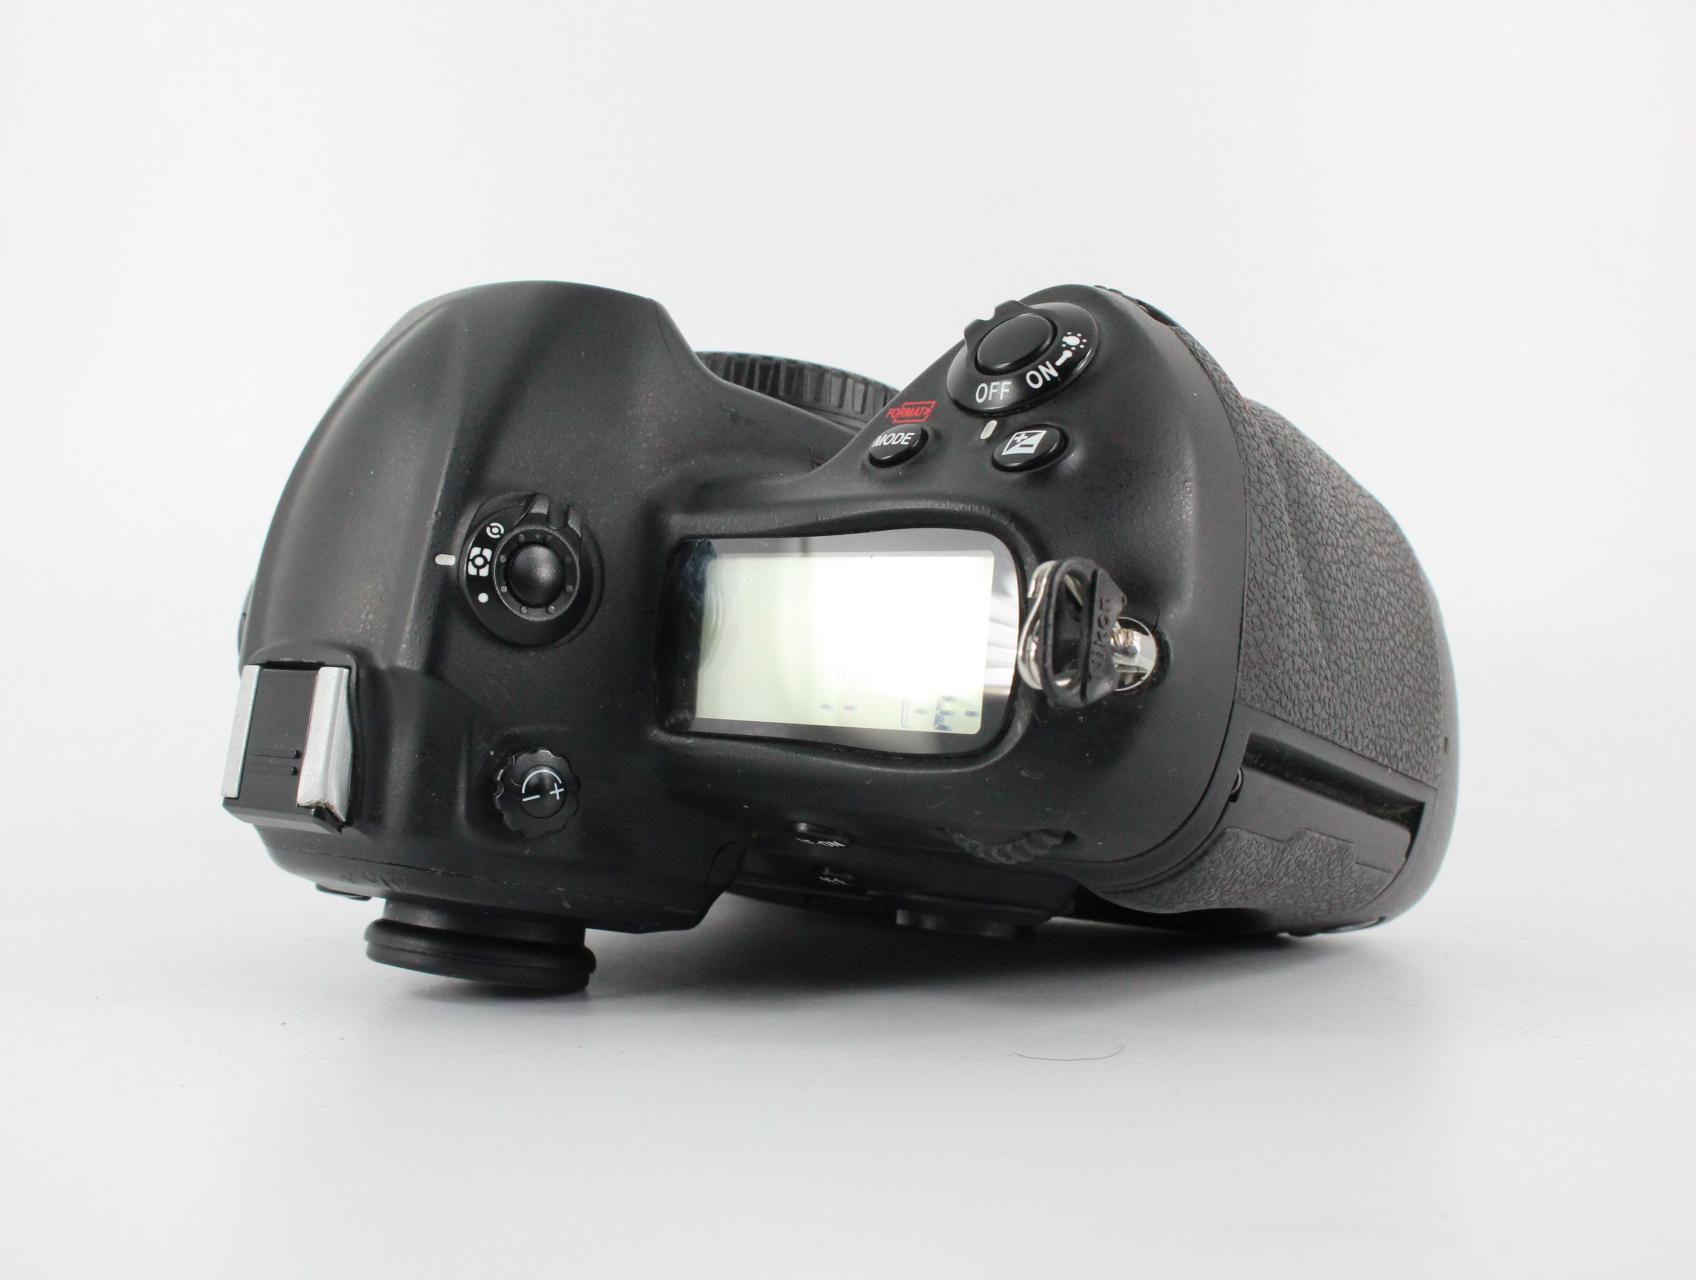 Nikon D3 Price image